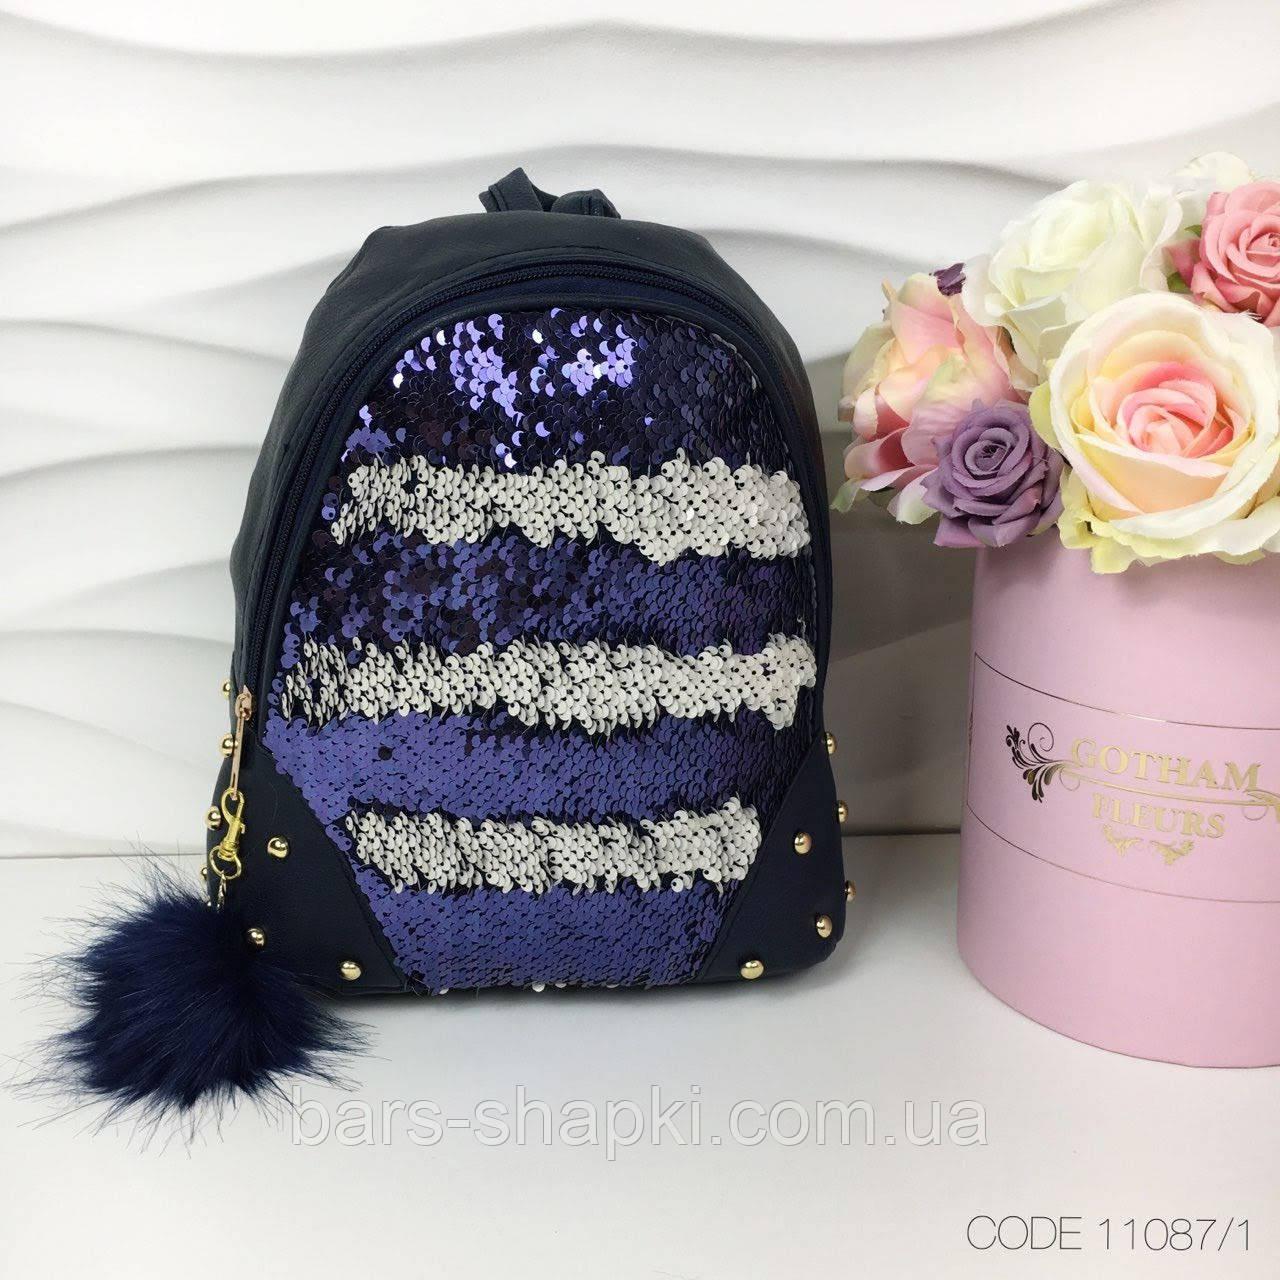 Стильный городской рюкзак с паетками перевертышами